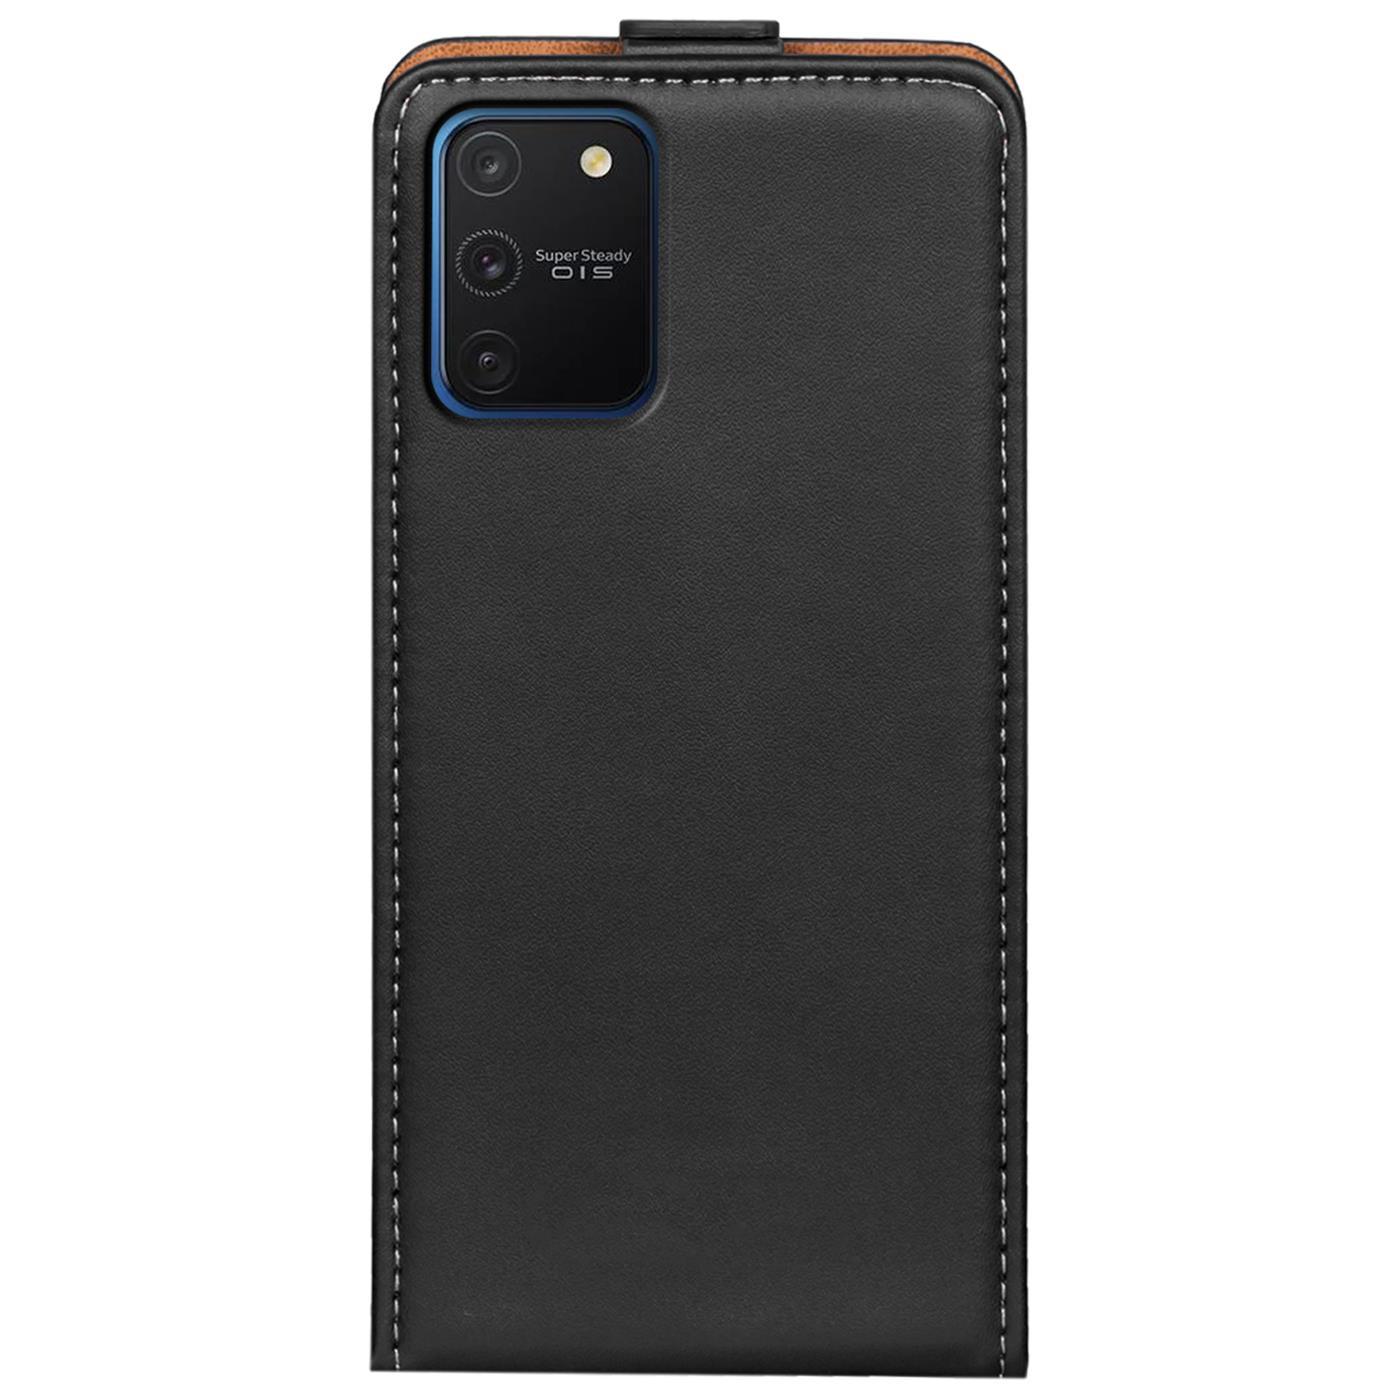 Flip-Cover-fuer-Samsung-Galaxy-S10-Lite-Huelle-Klapphuelle-Handy-Schutz-Tasche-Case Indexbild 10